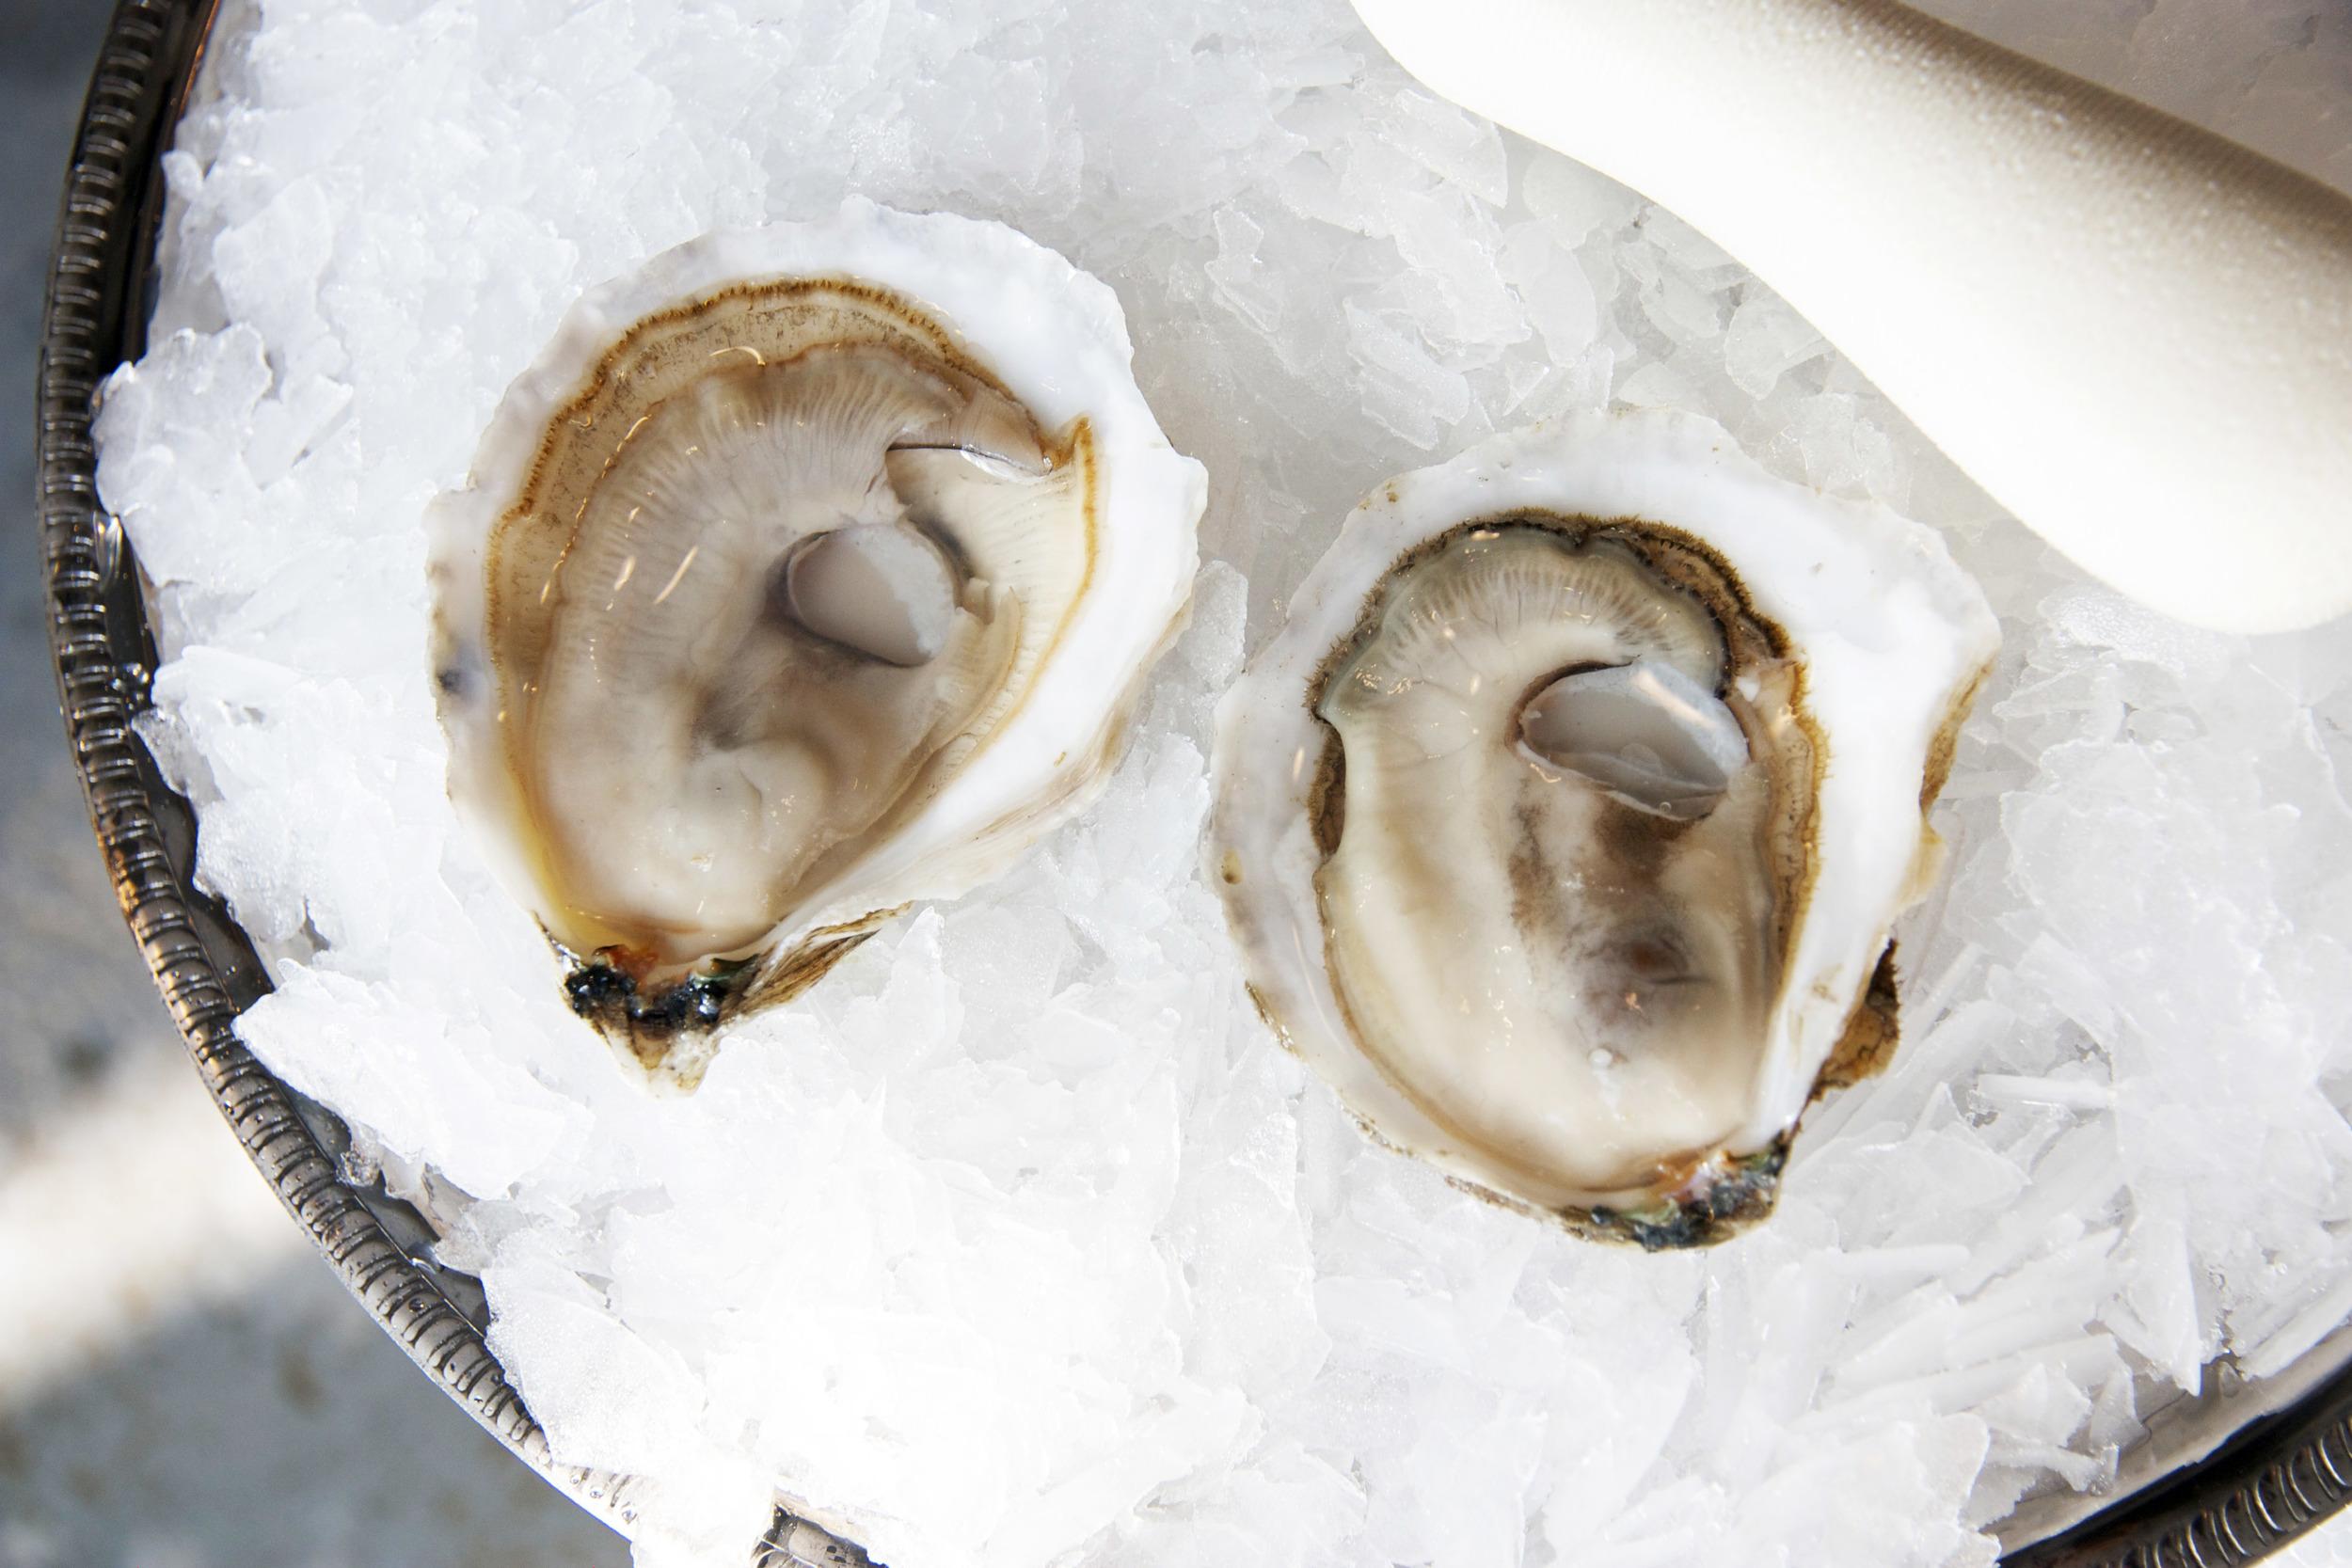 Pangea Shellfish Standish Shore Petites.jpg